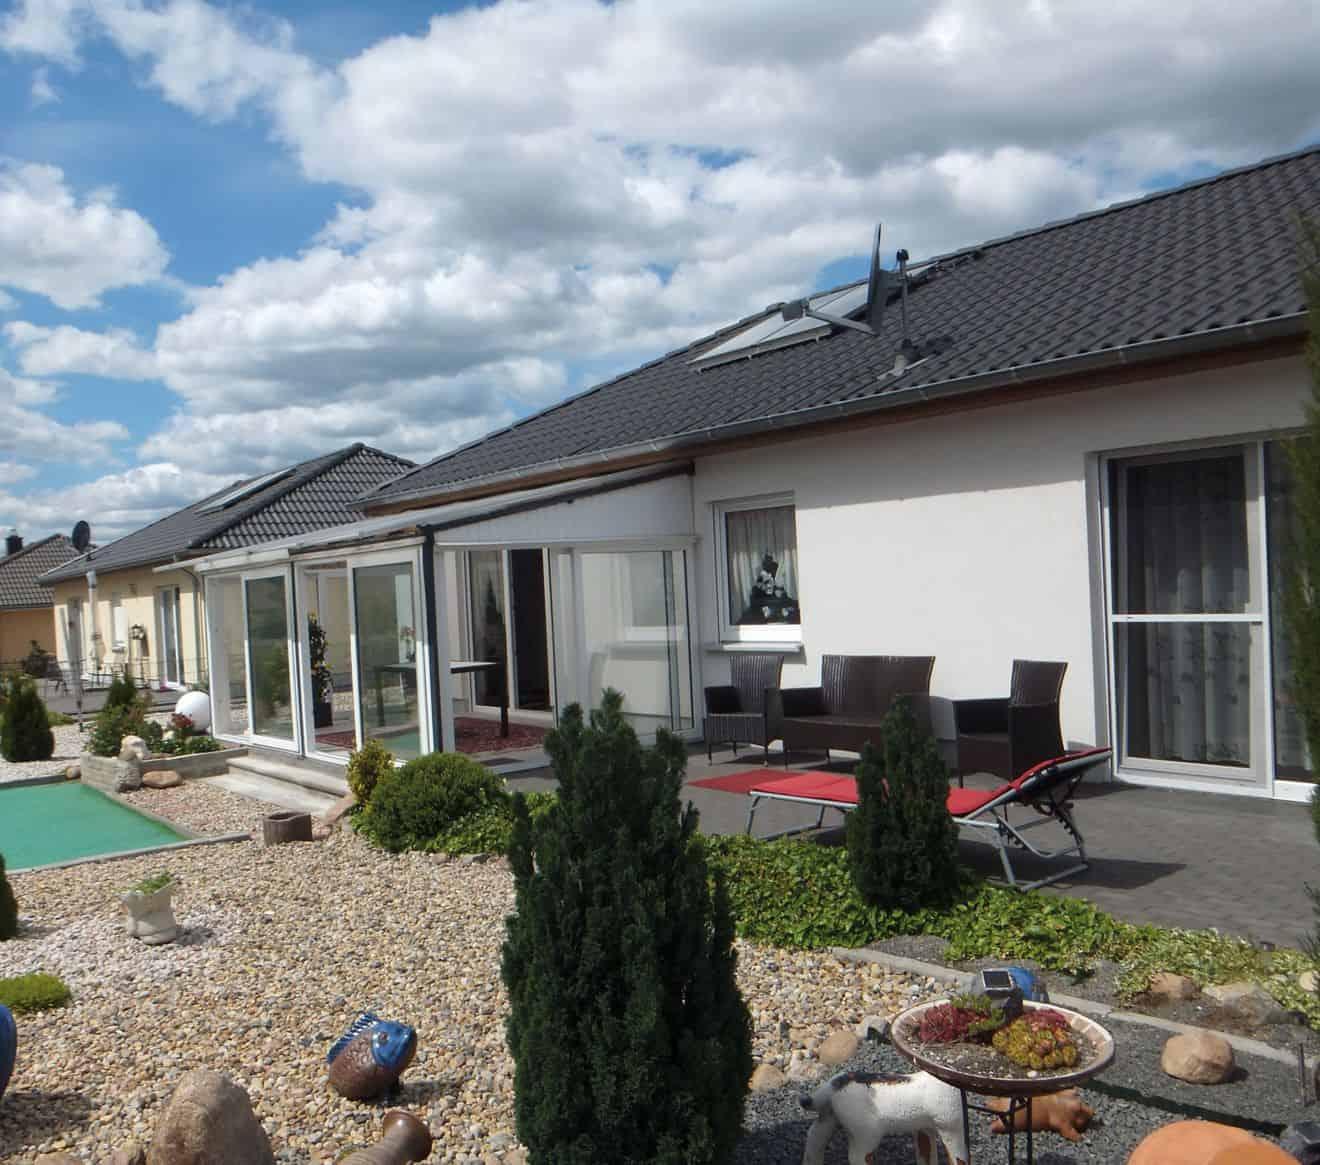 Familie Wolter lebt in Bayern und baute zwei Häuser in Sachsen-Anhalt